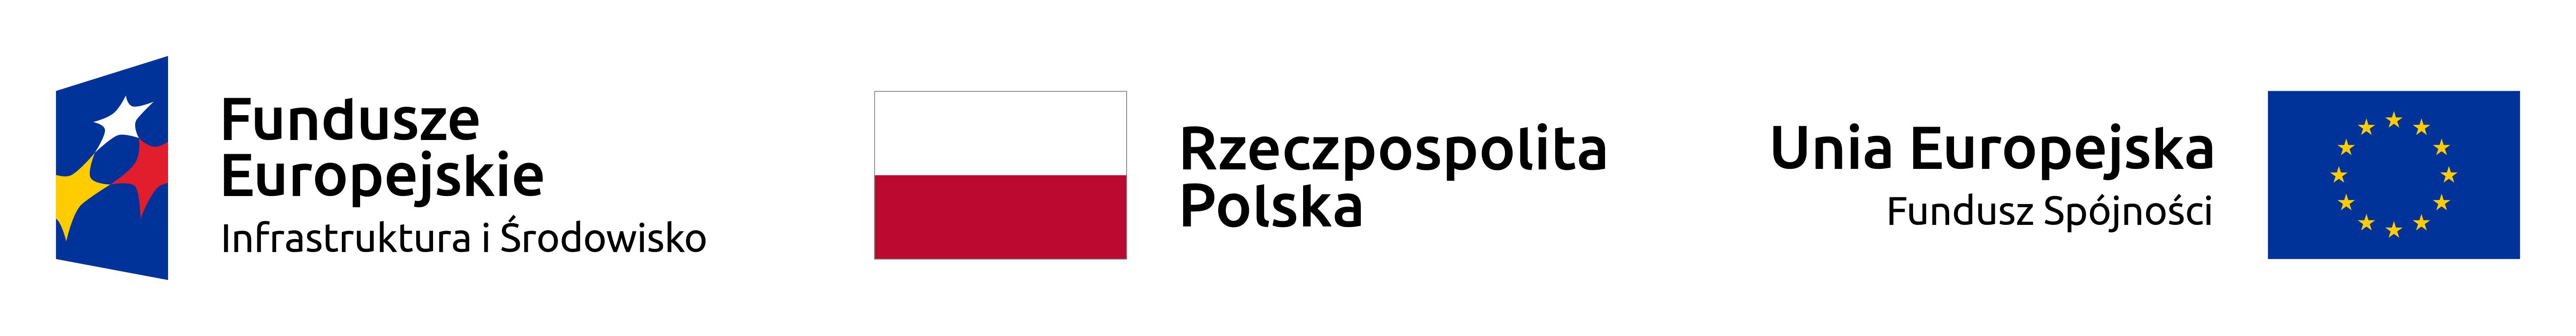 Baner, na którym widnieje logo: Fundusze Europejskie Infrastruktura i Środowisko, flaga Polski i napis Rzeczpospolita Polska, Flaga UE i napis Unia Europejska Fundusz Spójności